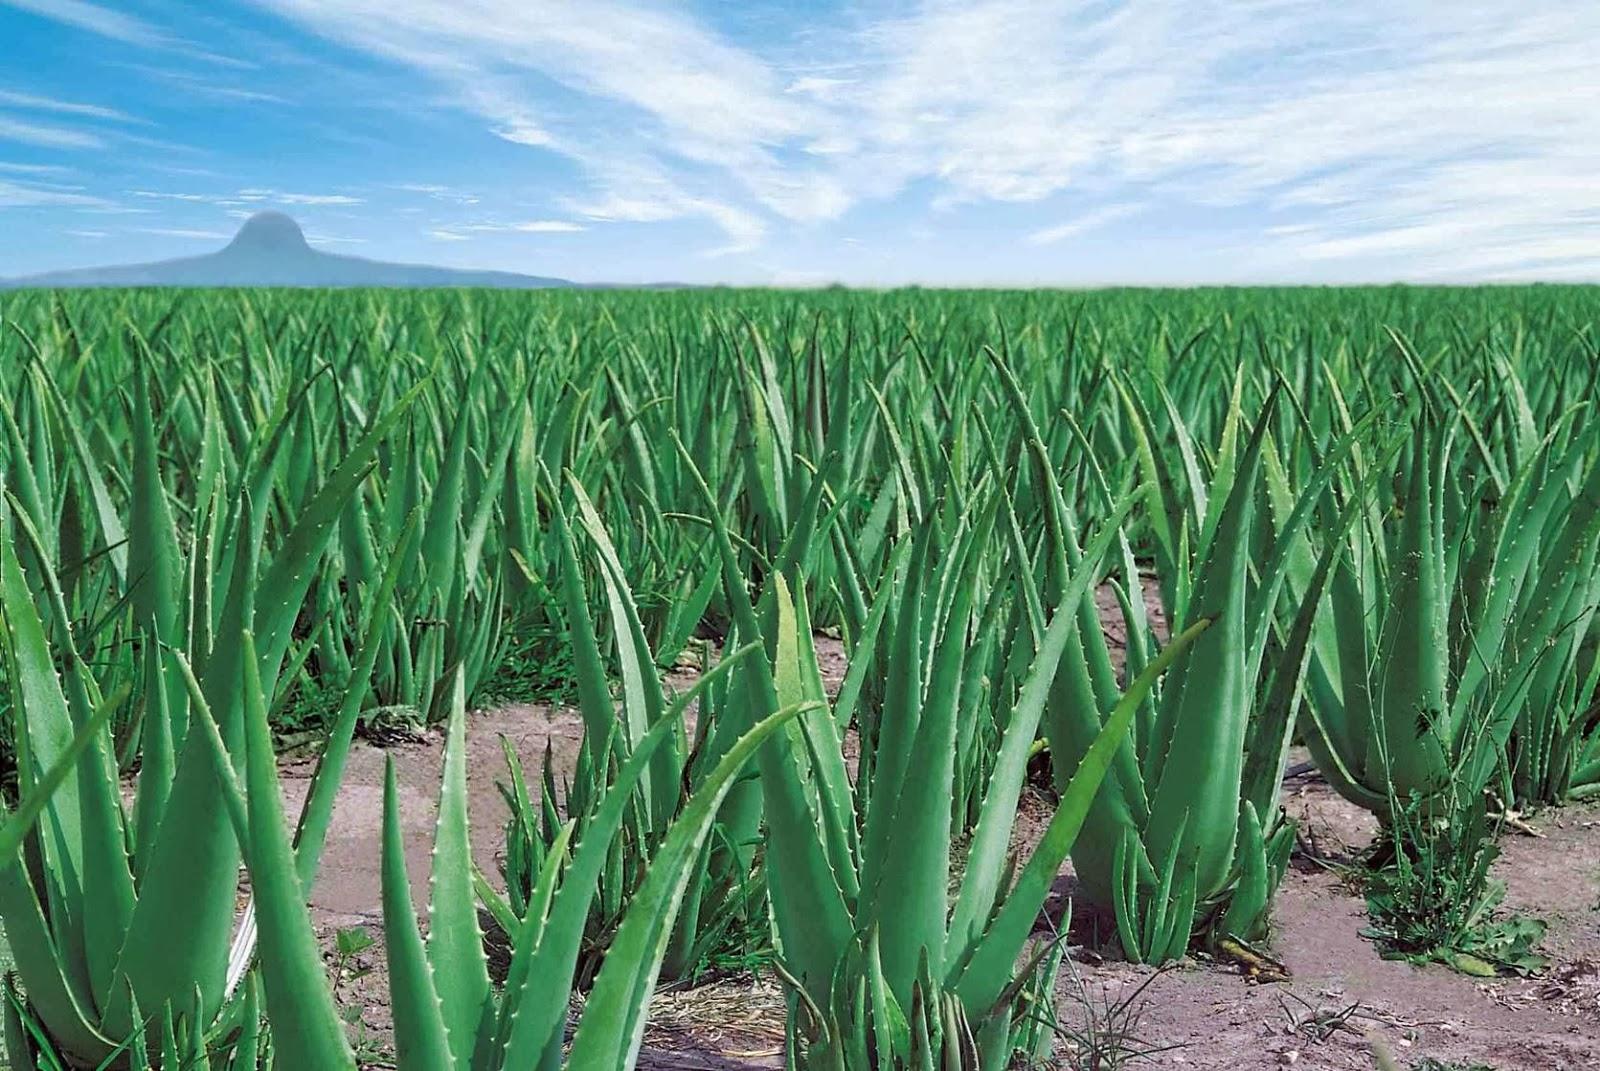 69 kezelési forma Aloe Verával